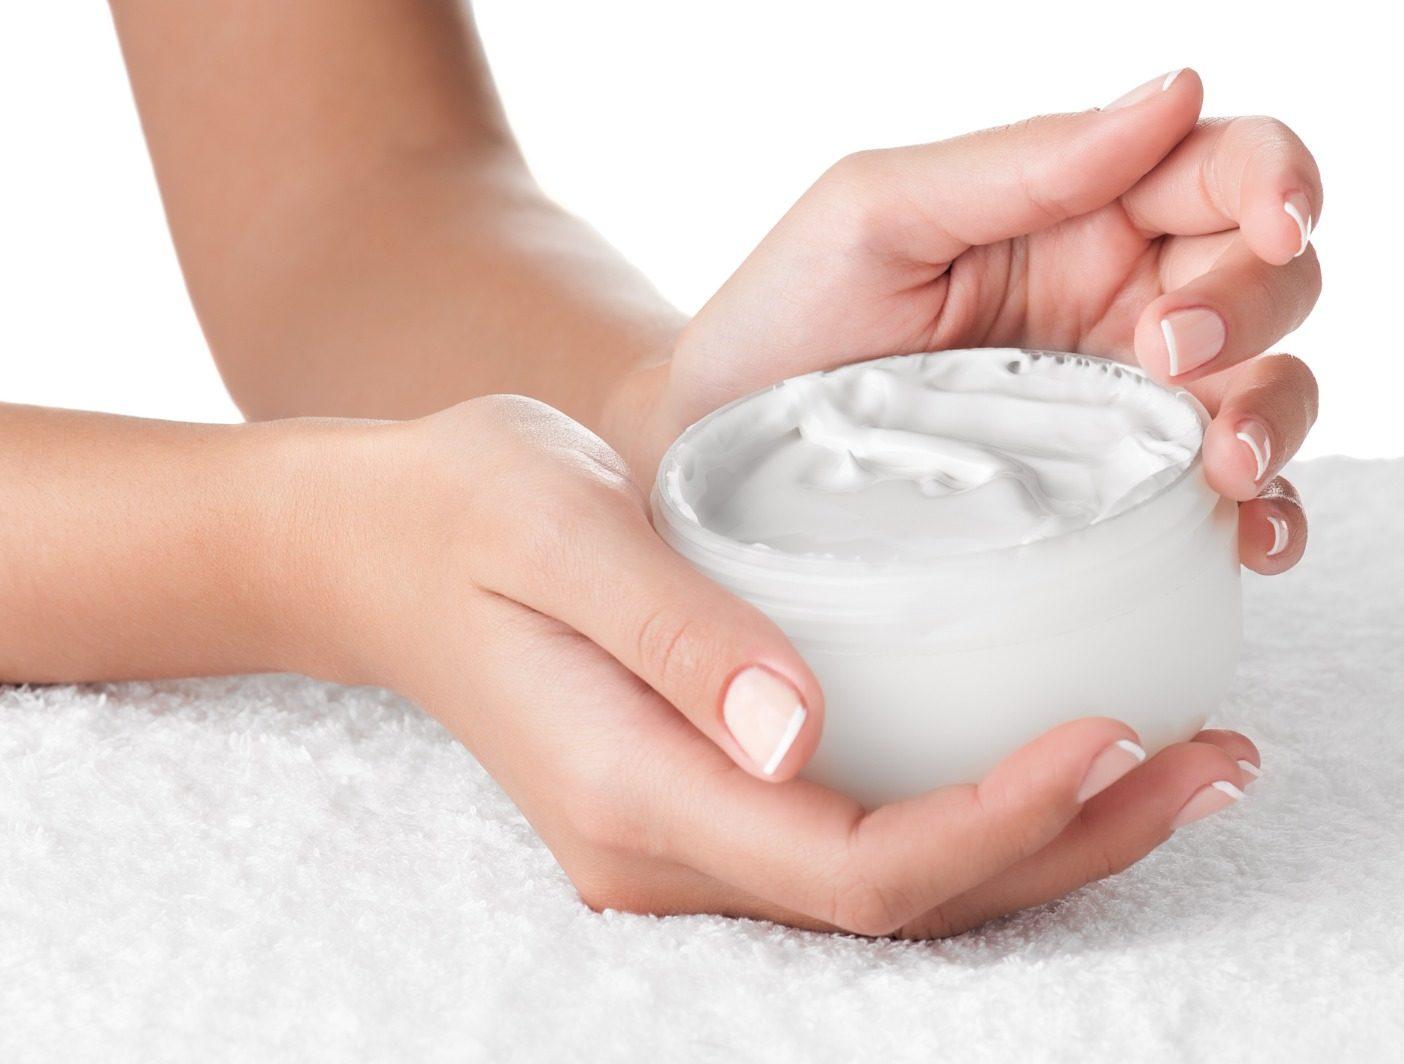 Cum ne hidratăm pielea mâinilor în perioada izolării? 2